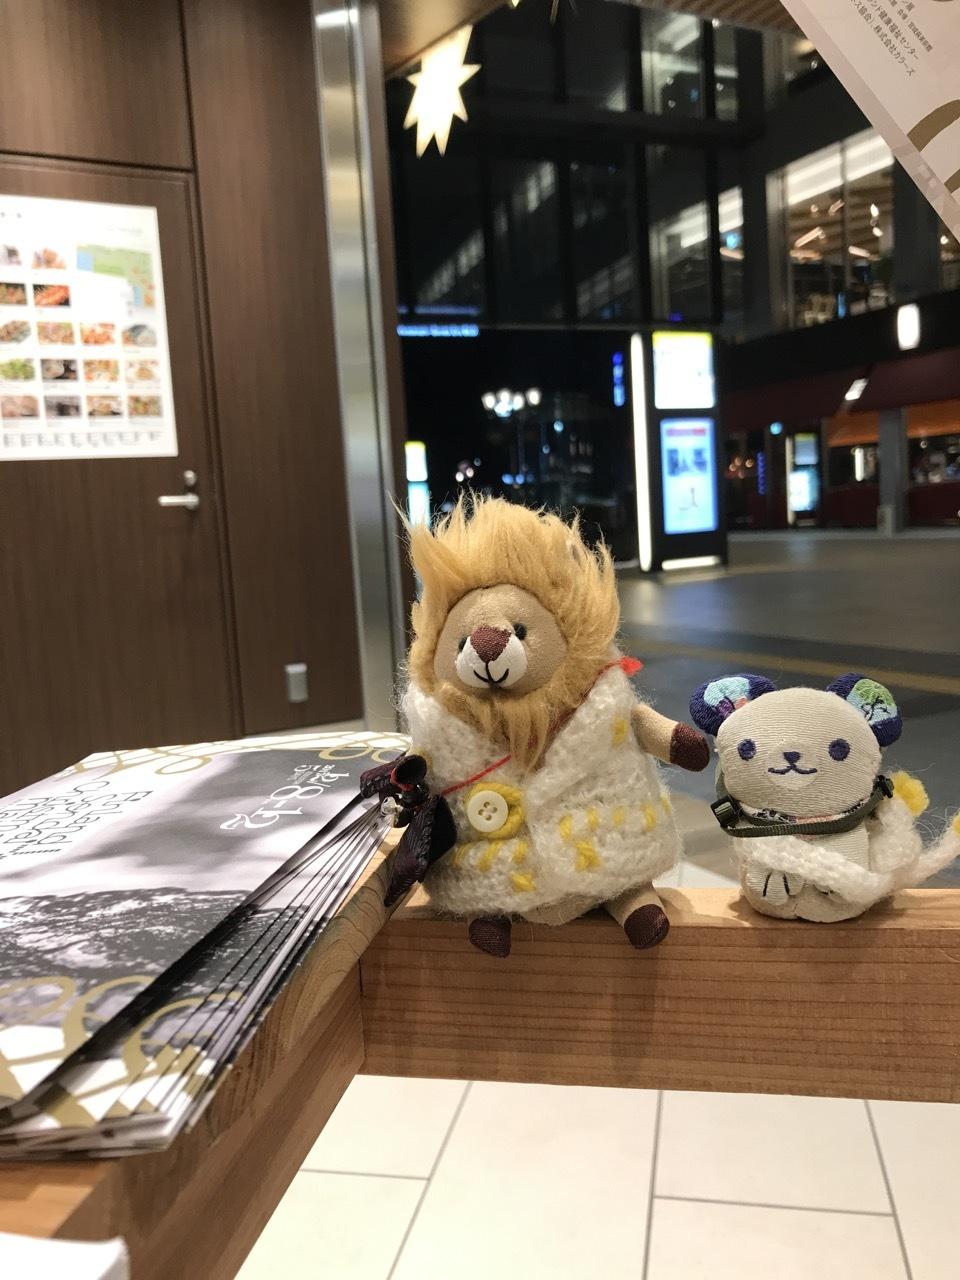 ふるさと仙台での素晴らしい日々、たくさんのありがとう 〜 おまけのpart5_c0186460_20462361.jpg